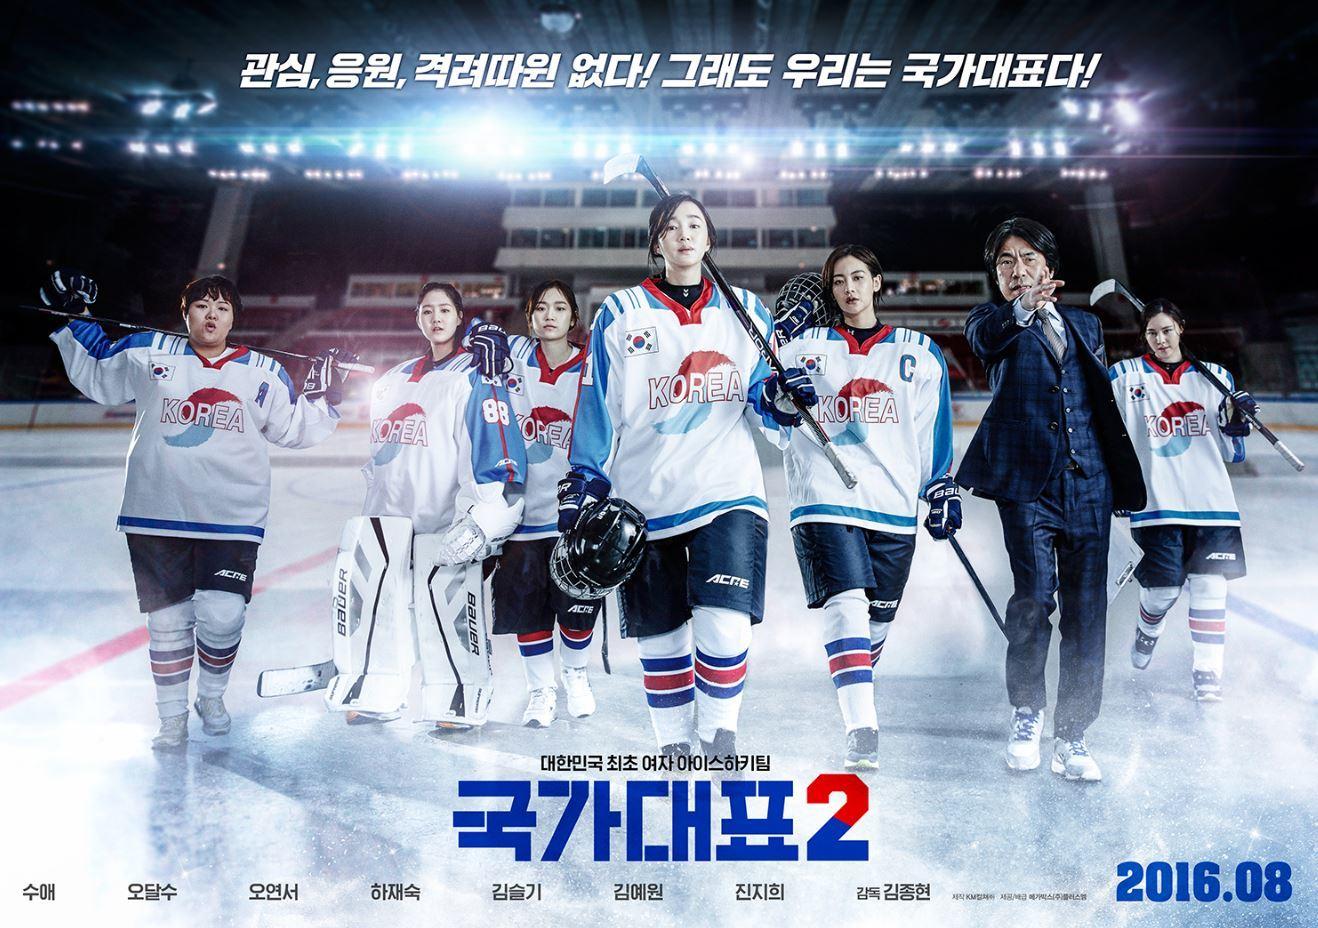 영화 '국가대표 2' 포스터. [중앙포토]